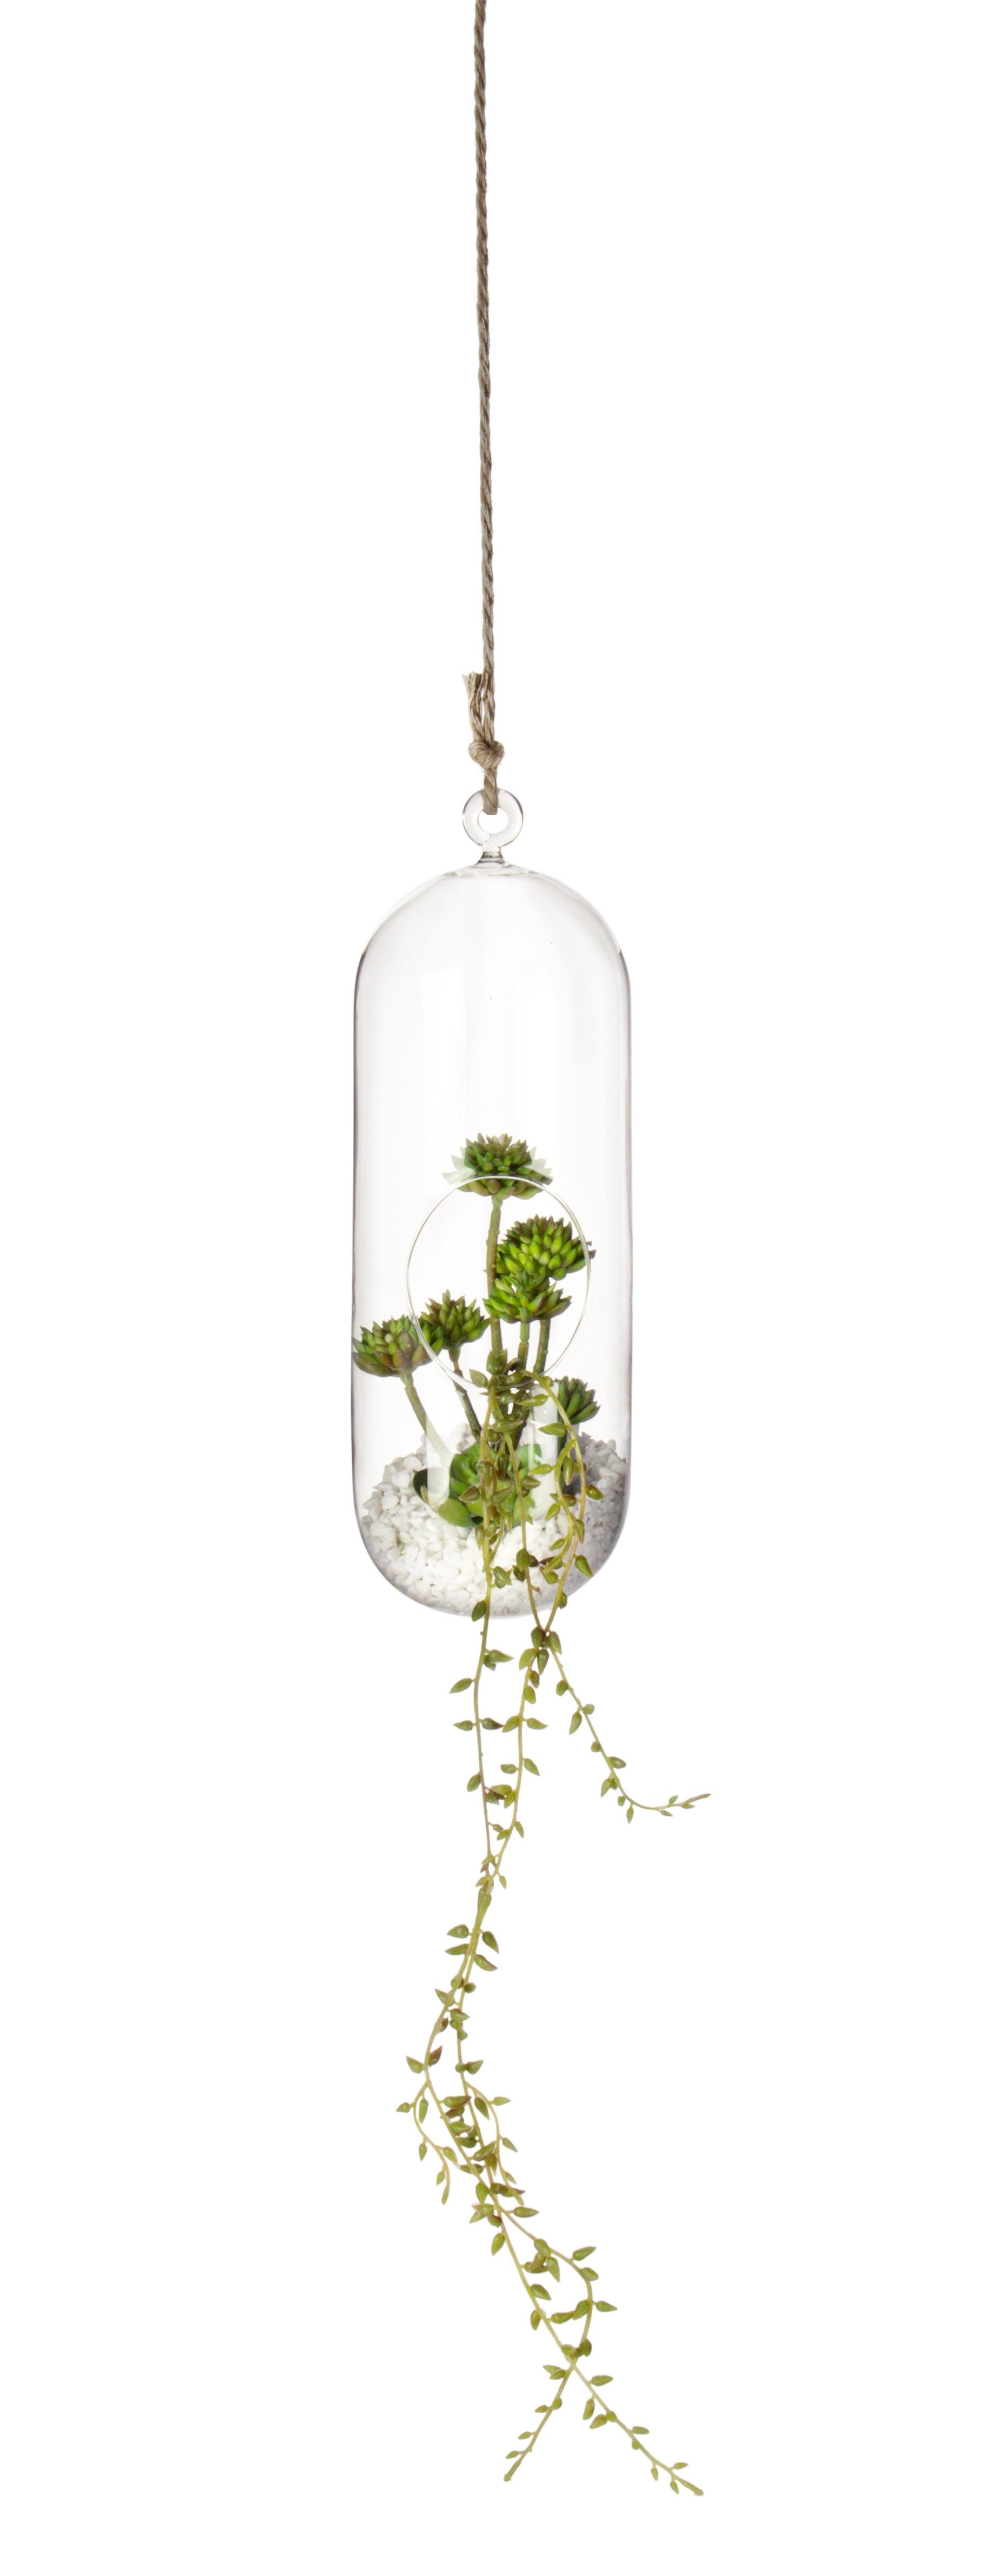 Decoratiune suspendabila din sticla, cu plante Bubble High Transparent / Verde, Ø12,6xH31 cm imagine